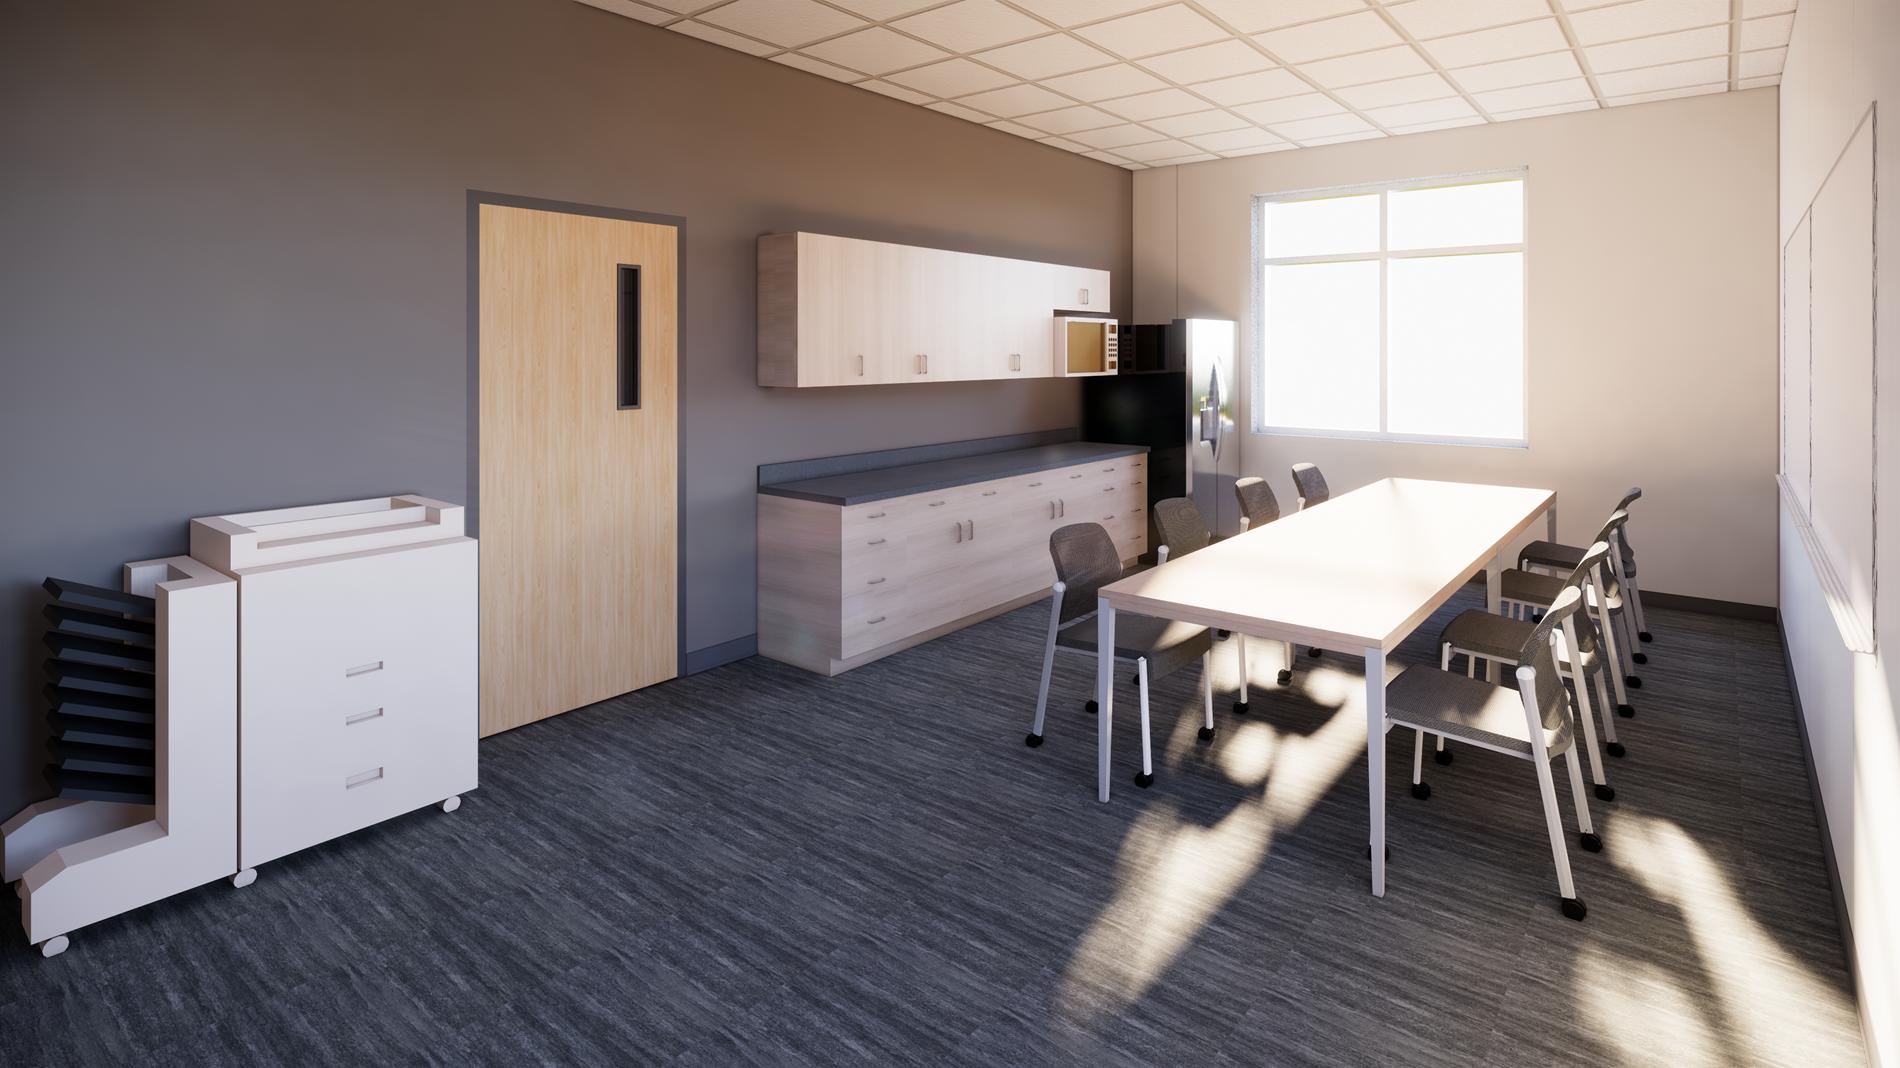 Teacher Workroom